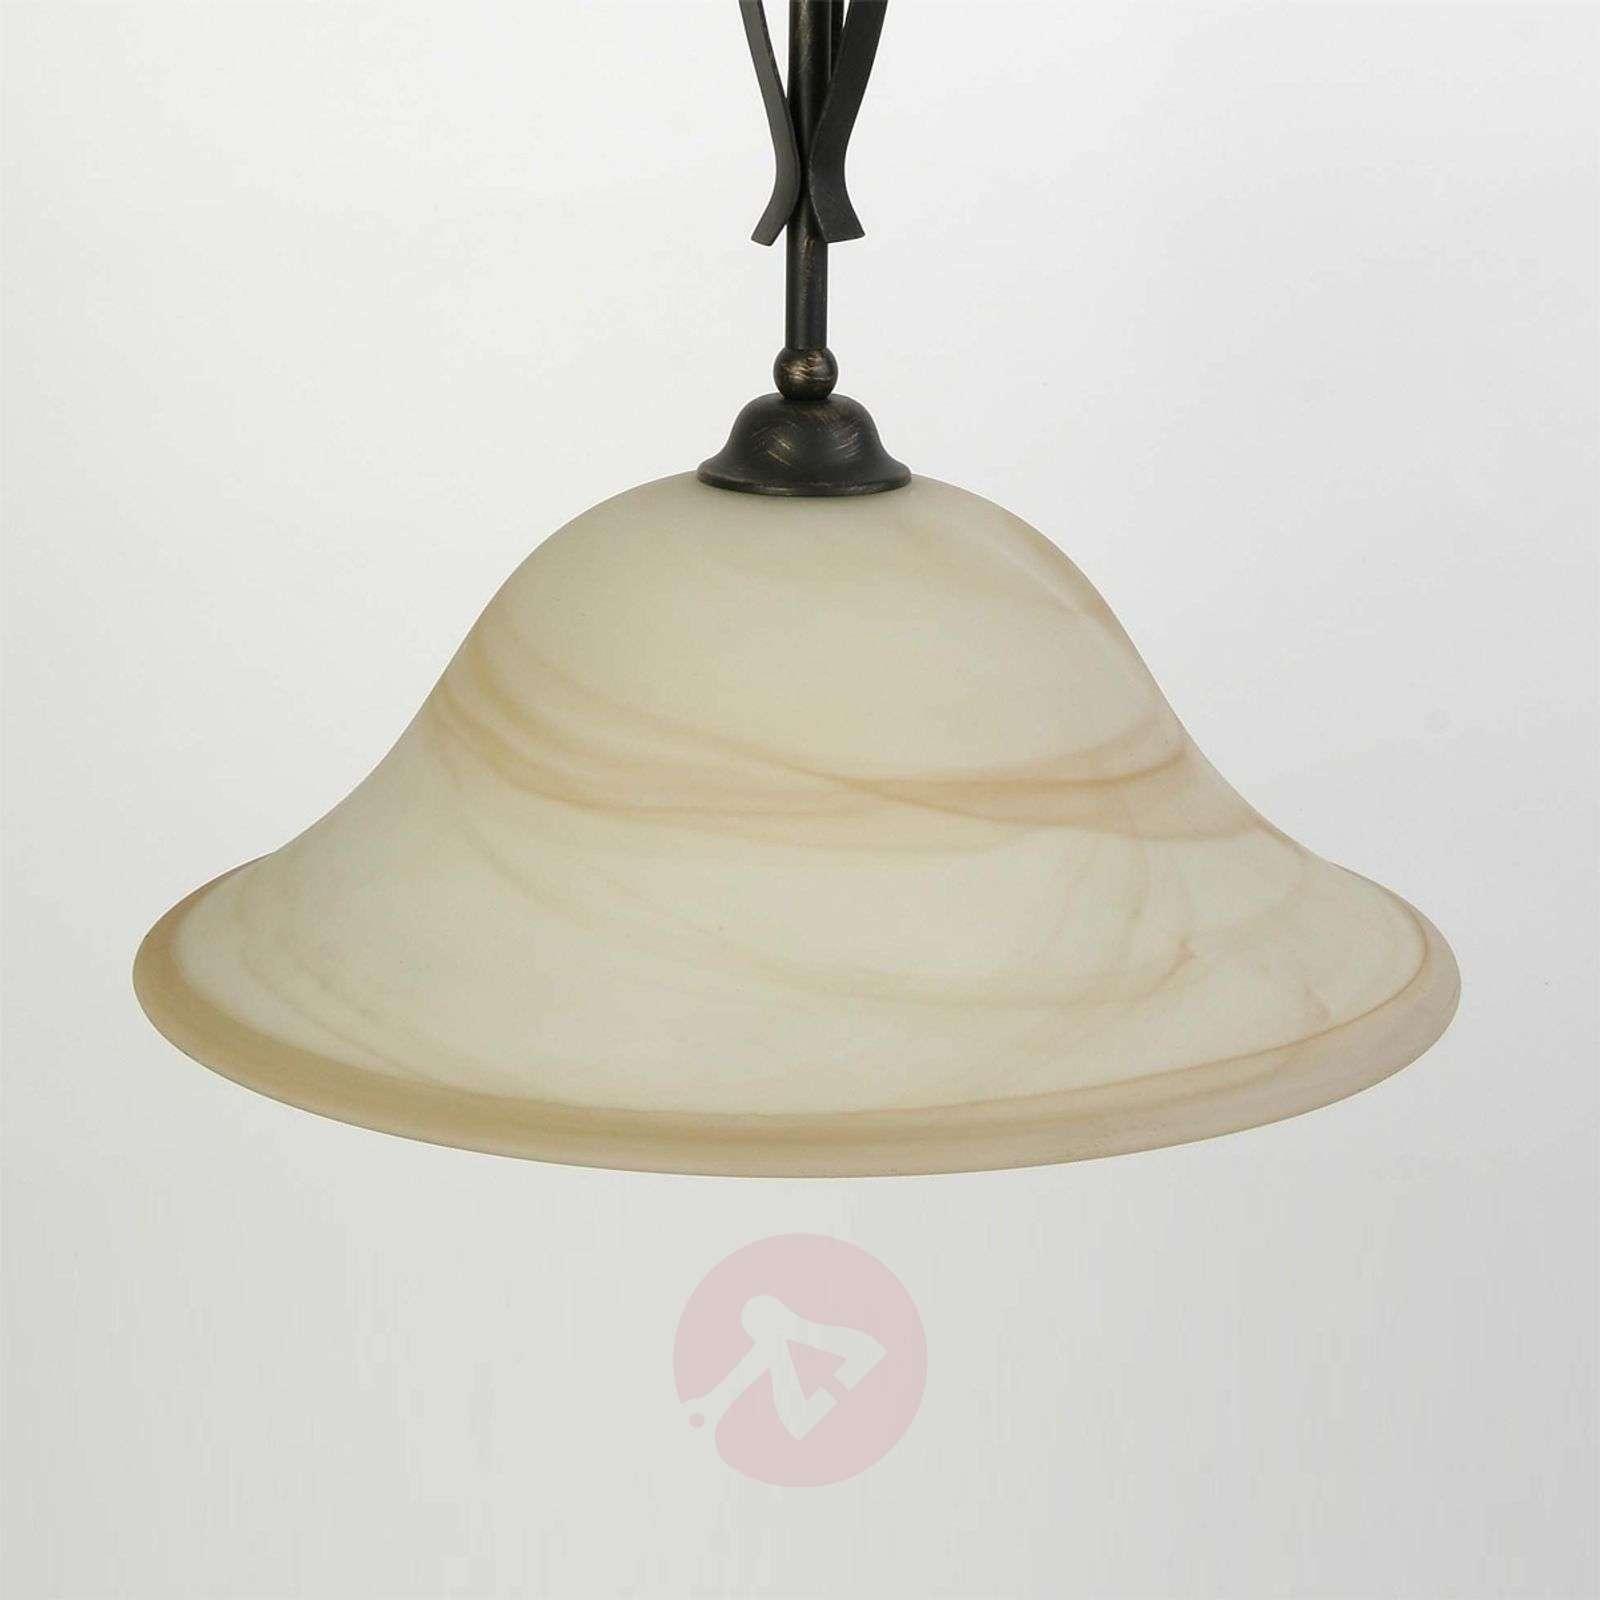 Tyylikäs yksilamppuinen Fiore-riippuvalaisin-1508514-01